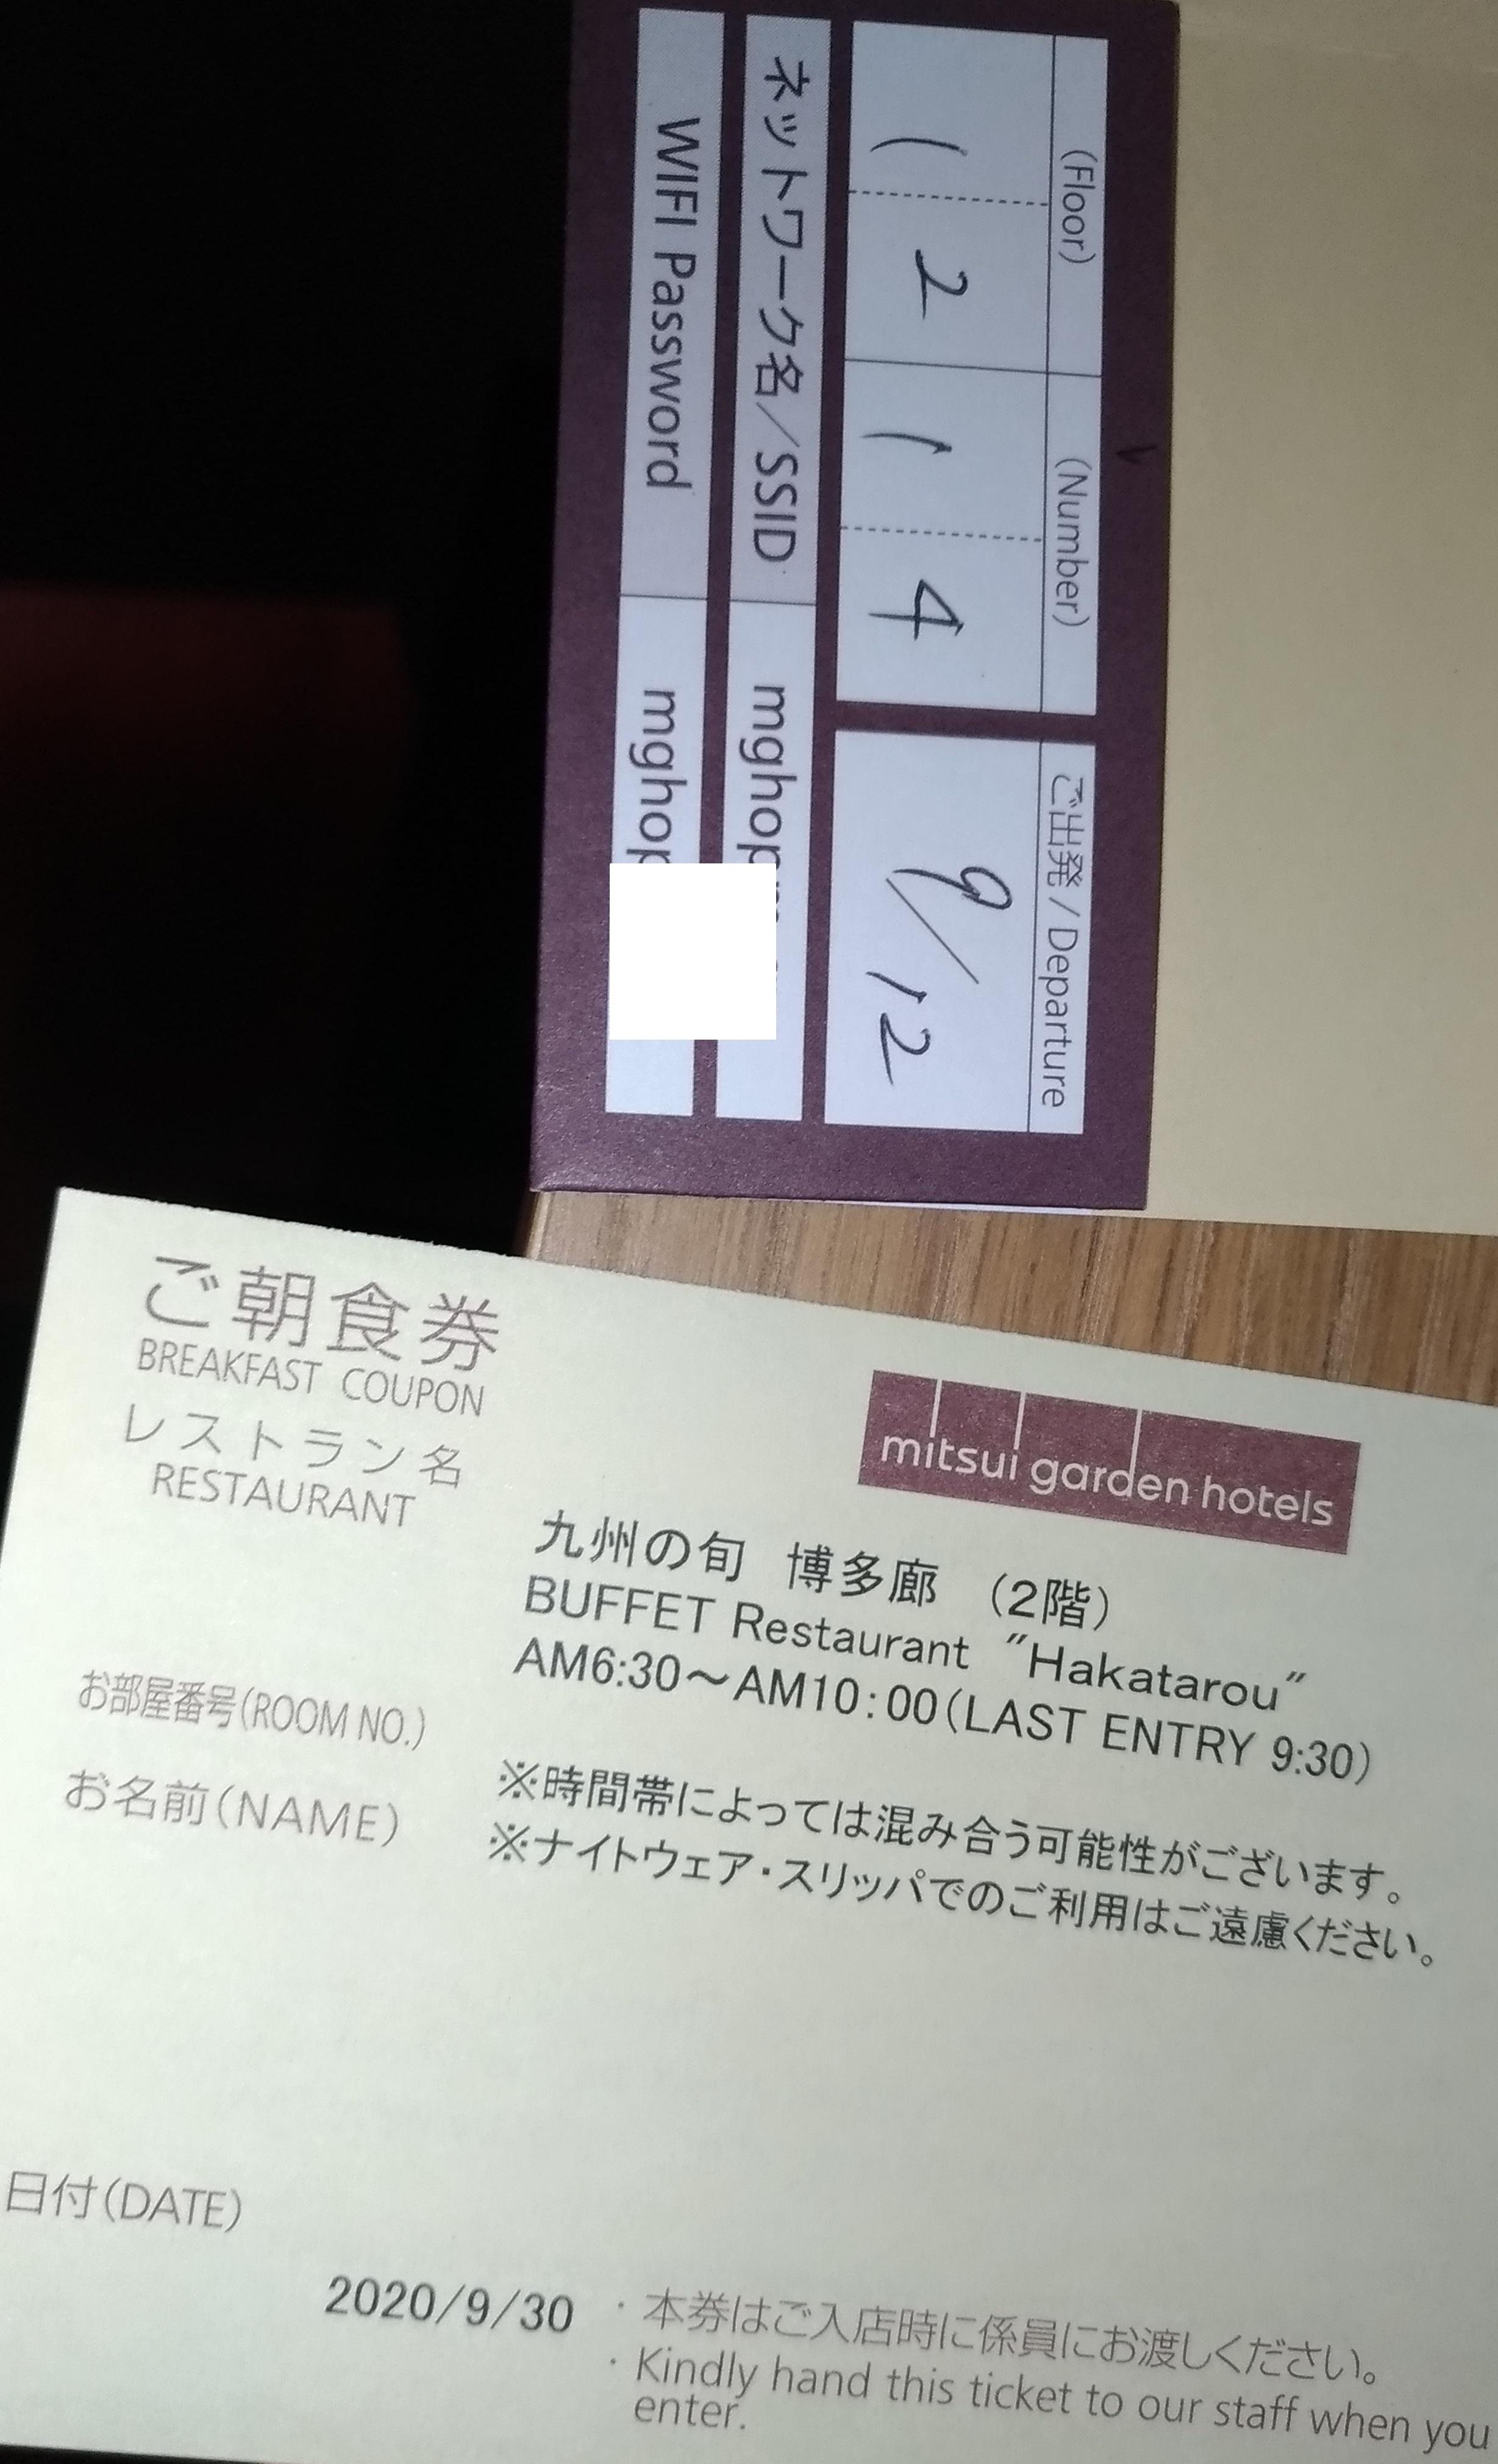 hotels_mitsui_garden_osaka_0911_6.jpg